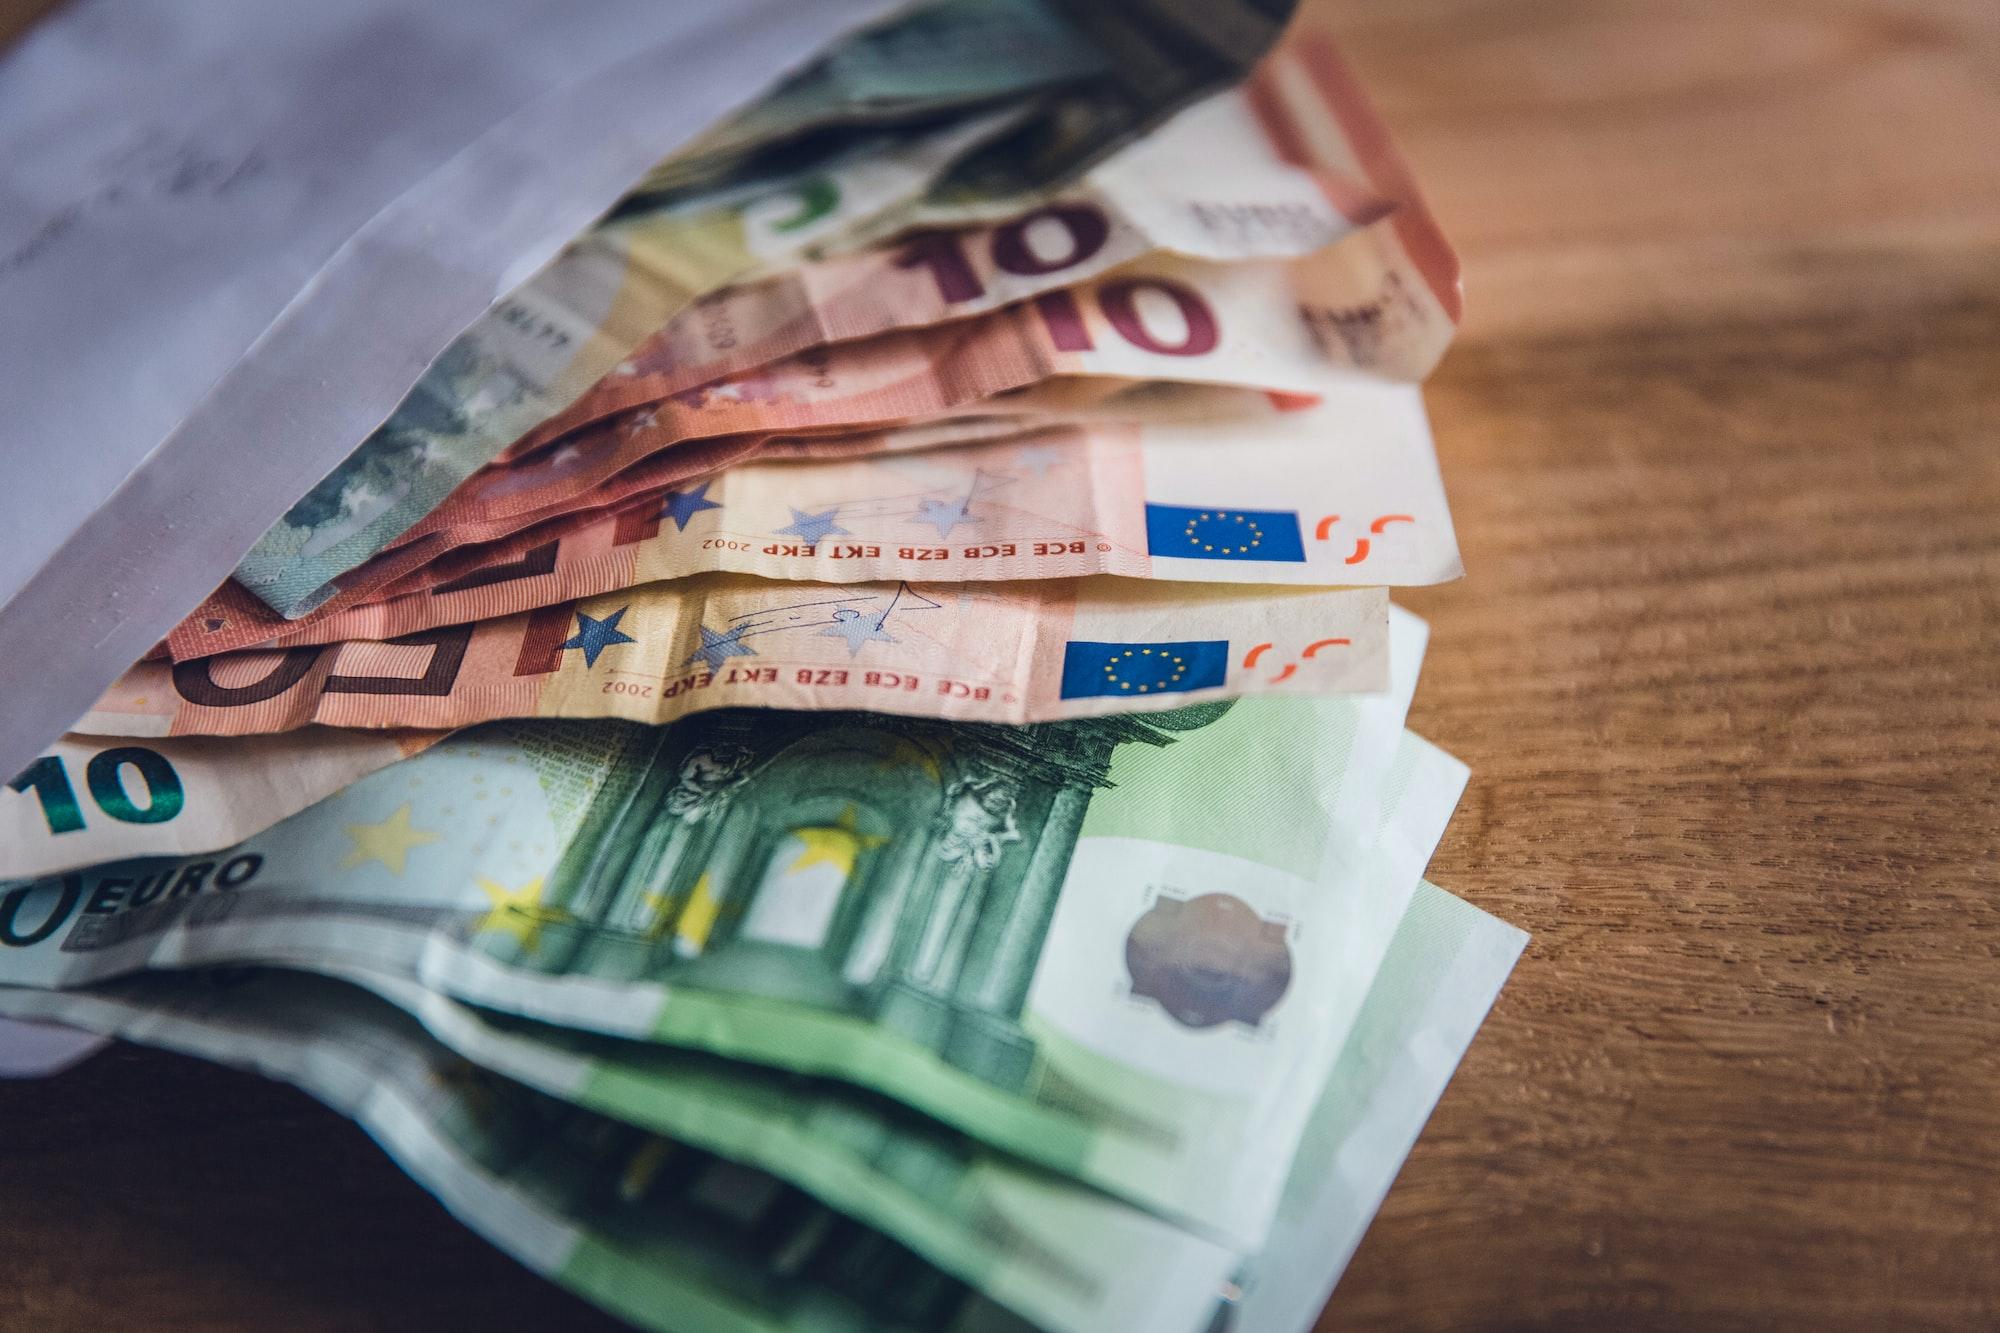 พันธบัตรดิจิทัลมูลค่า 100 ล้านยูโร คือการทดสอบ CBDC ของการเงินยุโรป